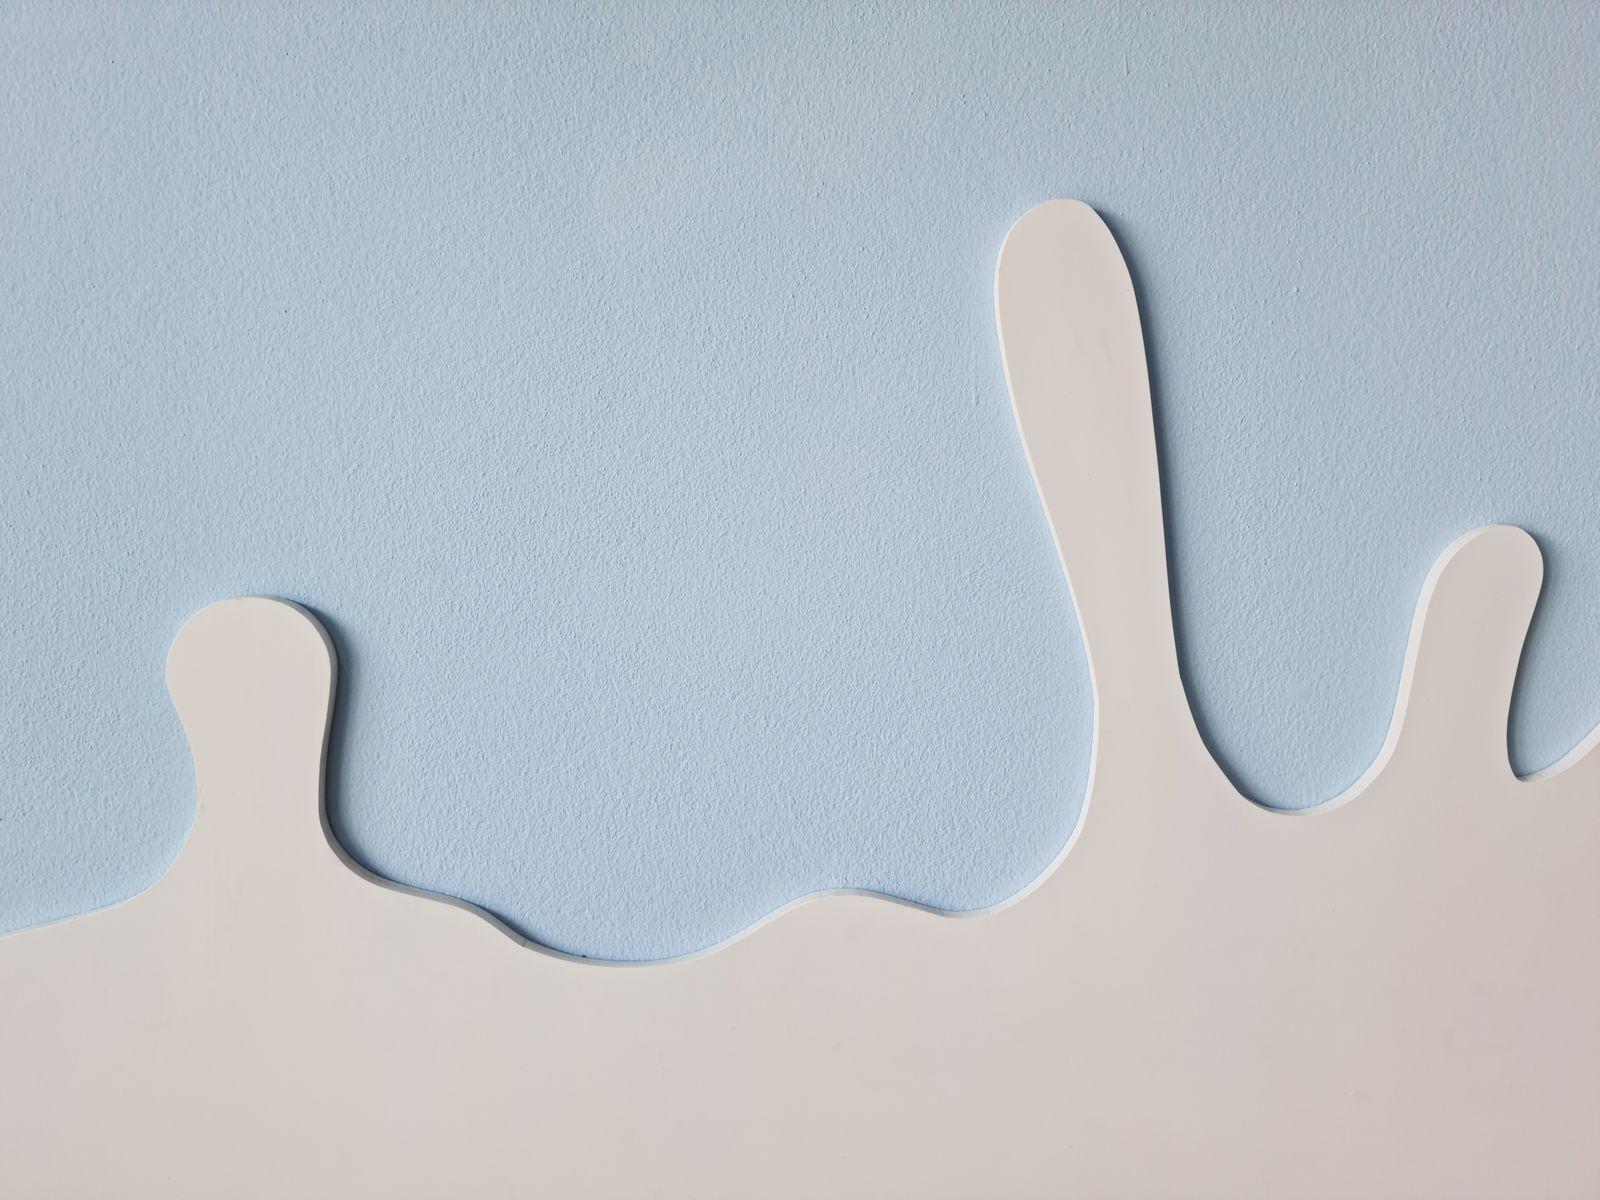 Shape of milk splashing on the blue pastel background